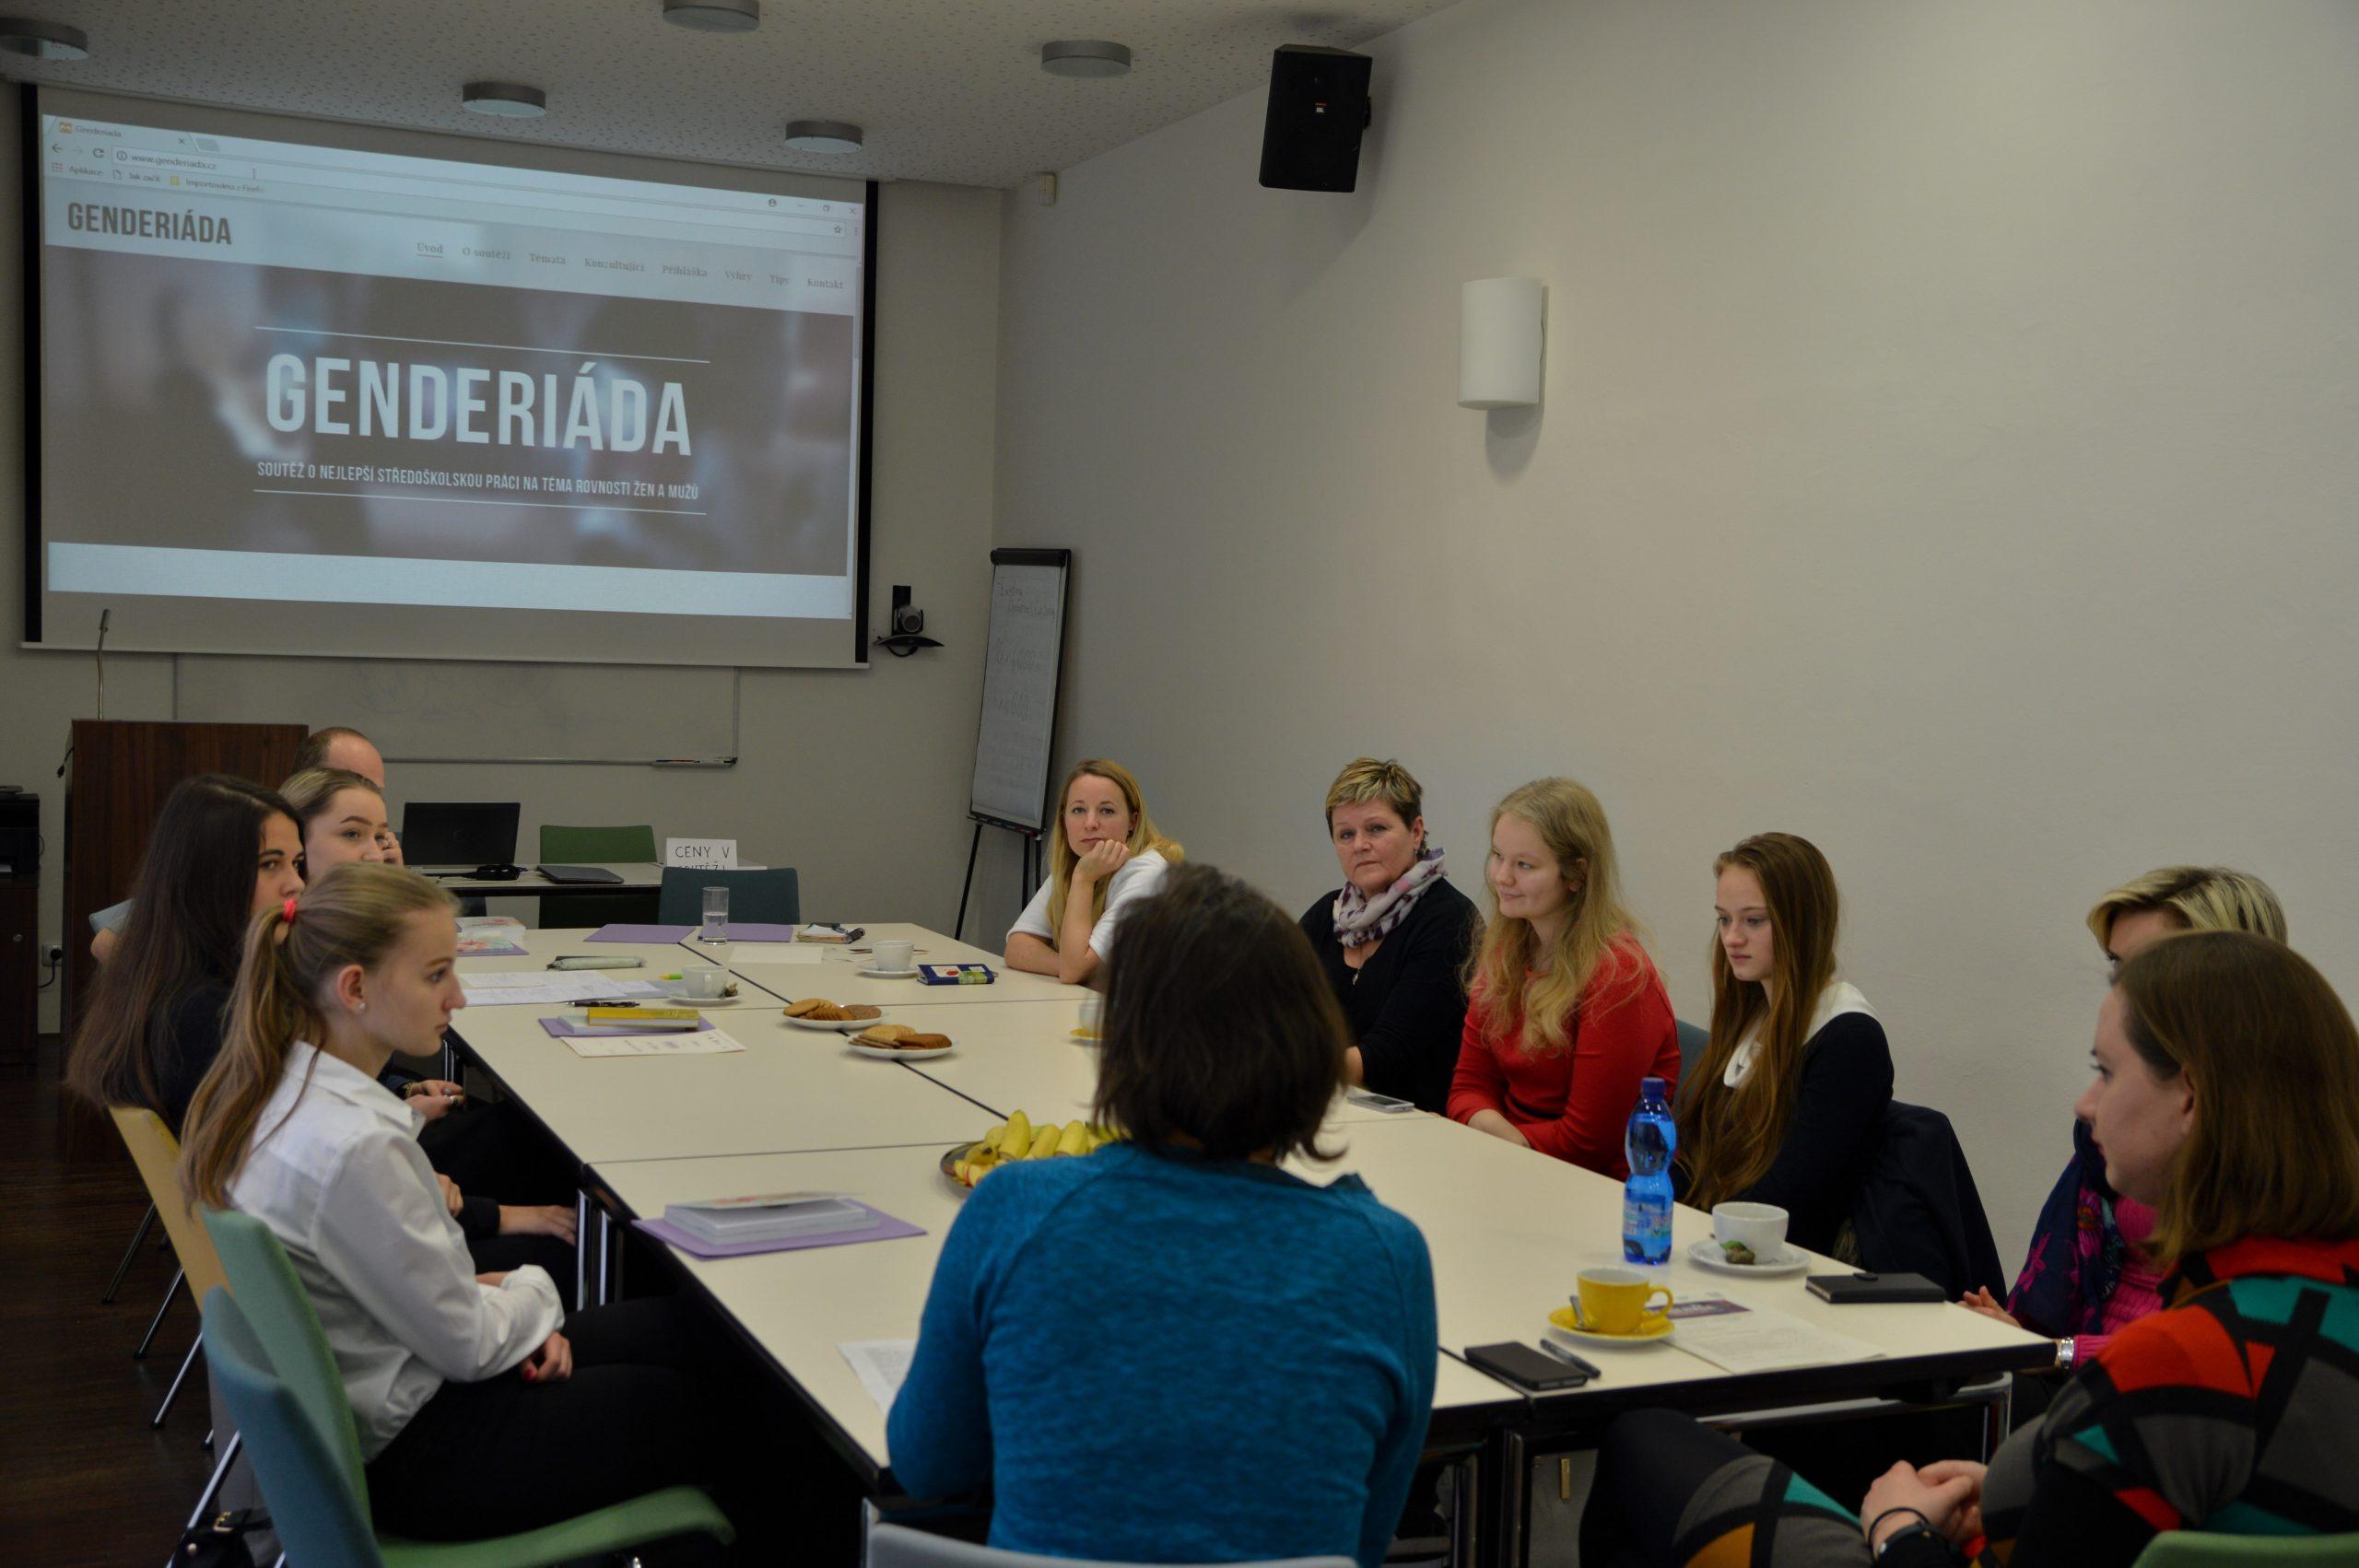 První místo v soutěži Genderiáda získaly studentky, které zkoumaly stereotypy na trhu práce